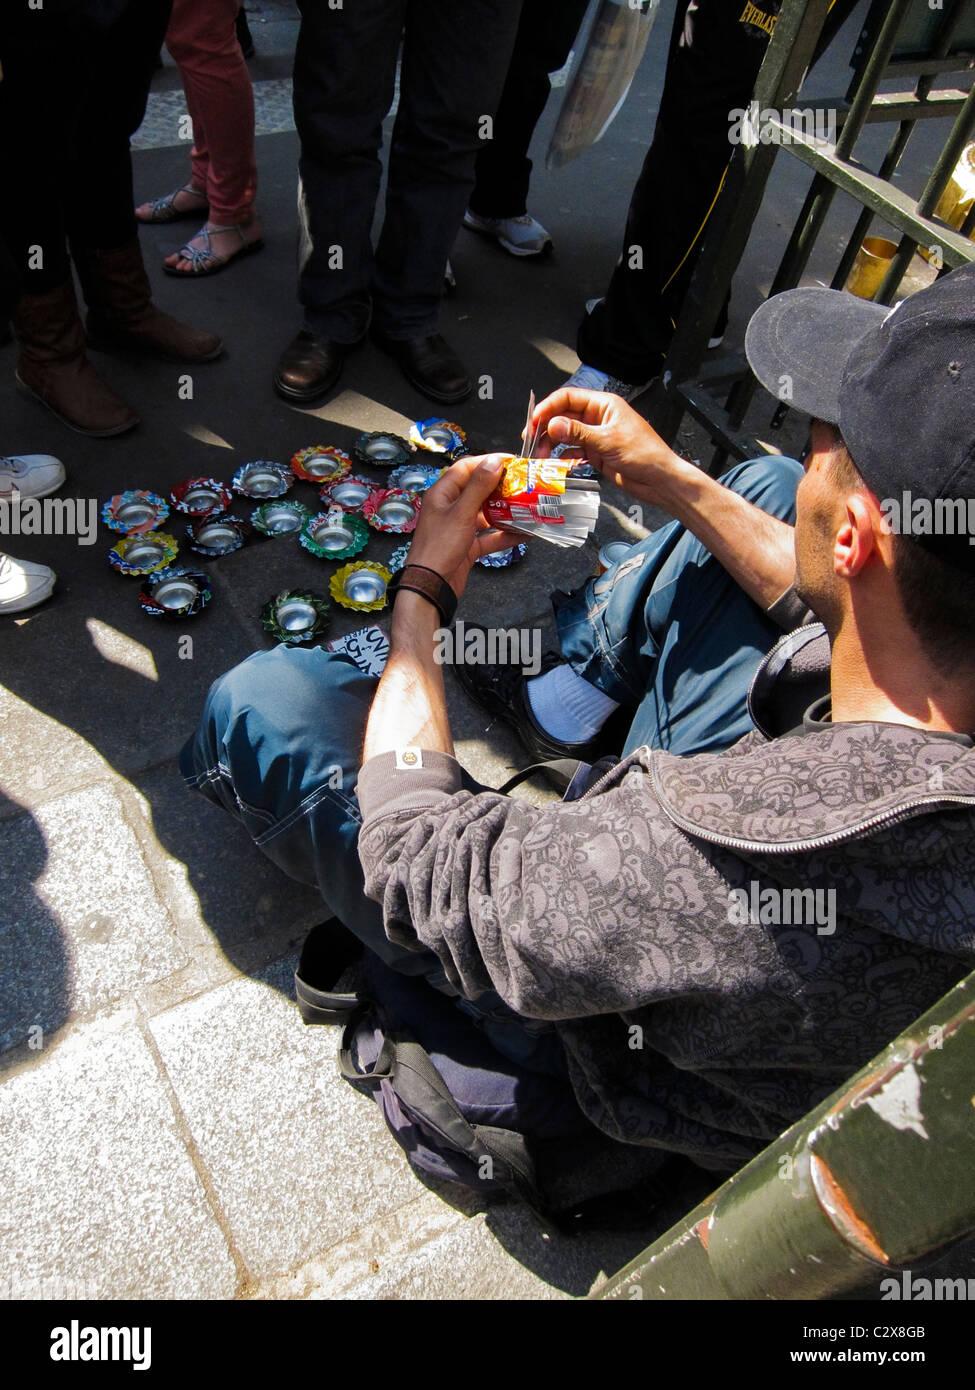 Paris, France, les touristes regarder artiste de rue, la transformation de boîtes de conserve dans les cendriers Banque D'Images